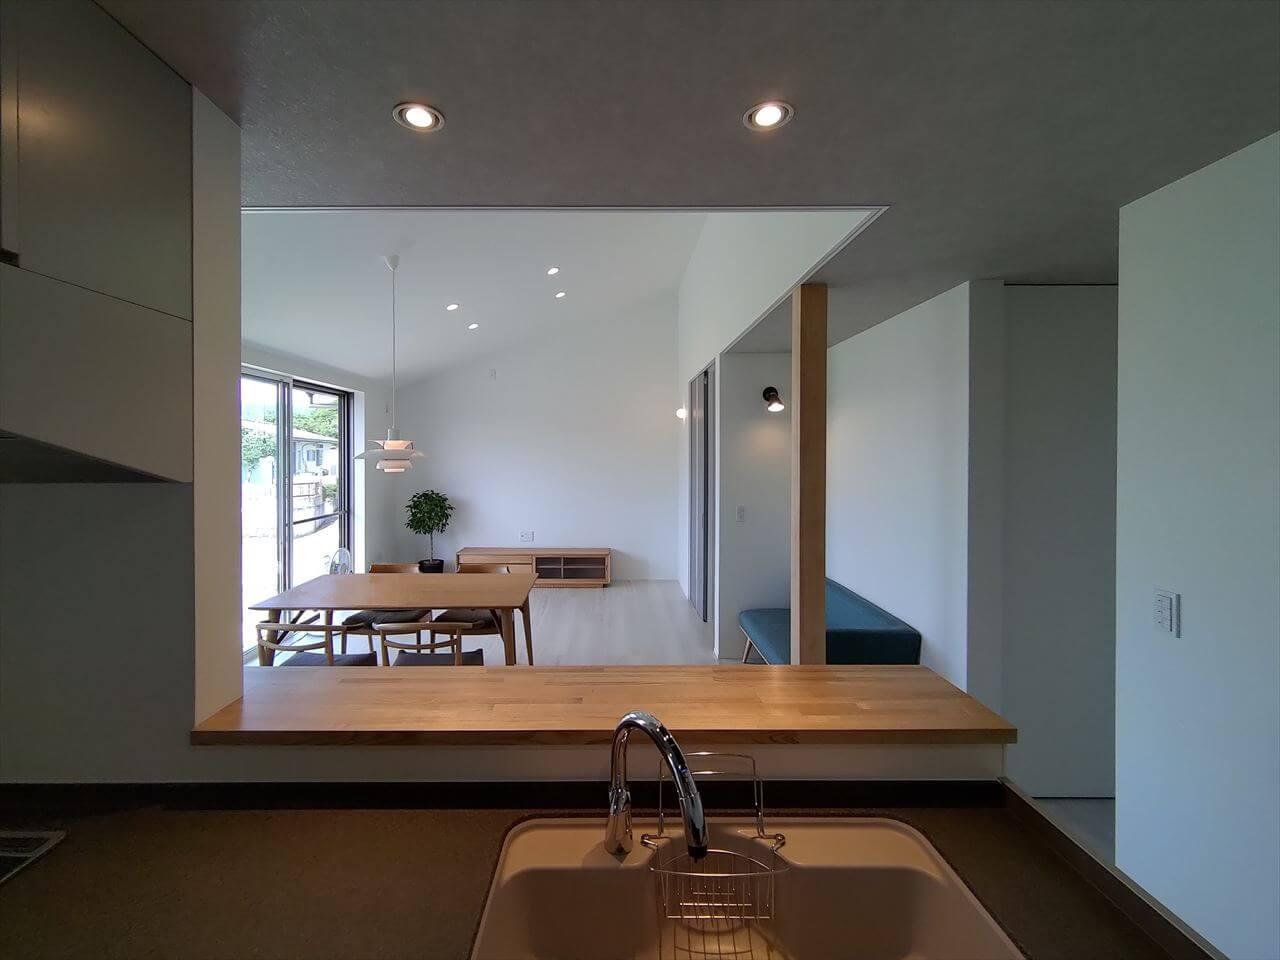 改寄町の住宅:キッチンからリビングの眺め